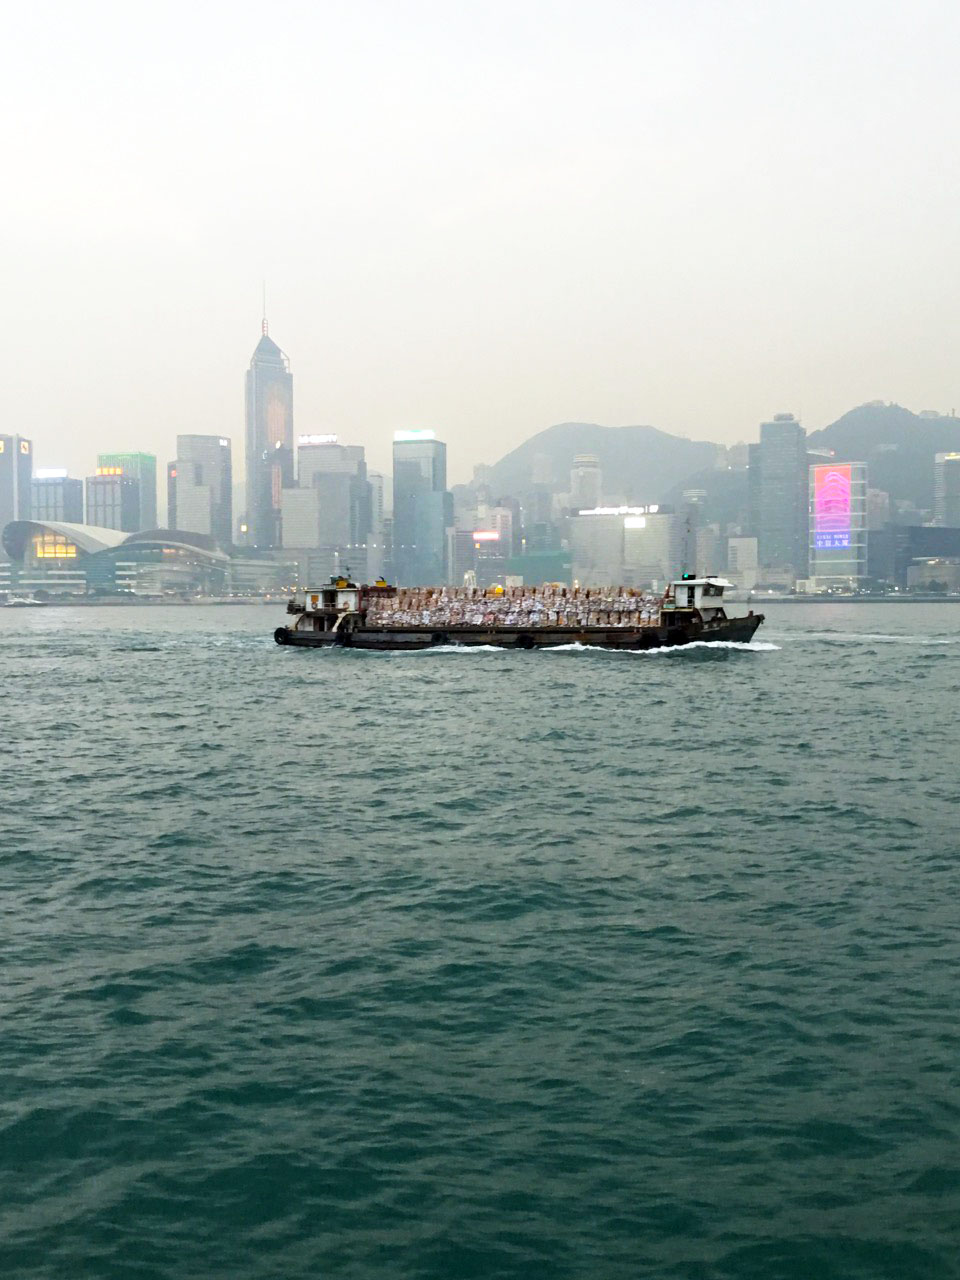 Things to Do in Hong Kong